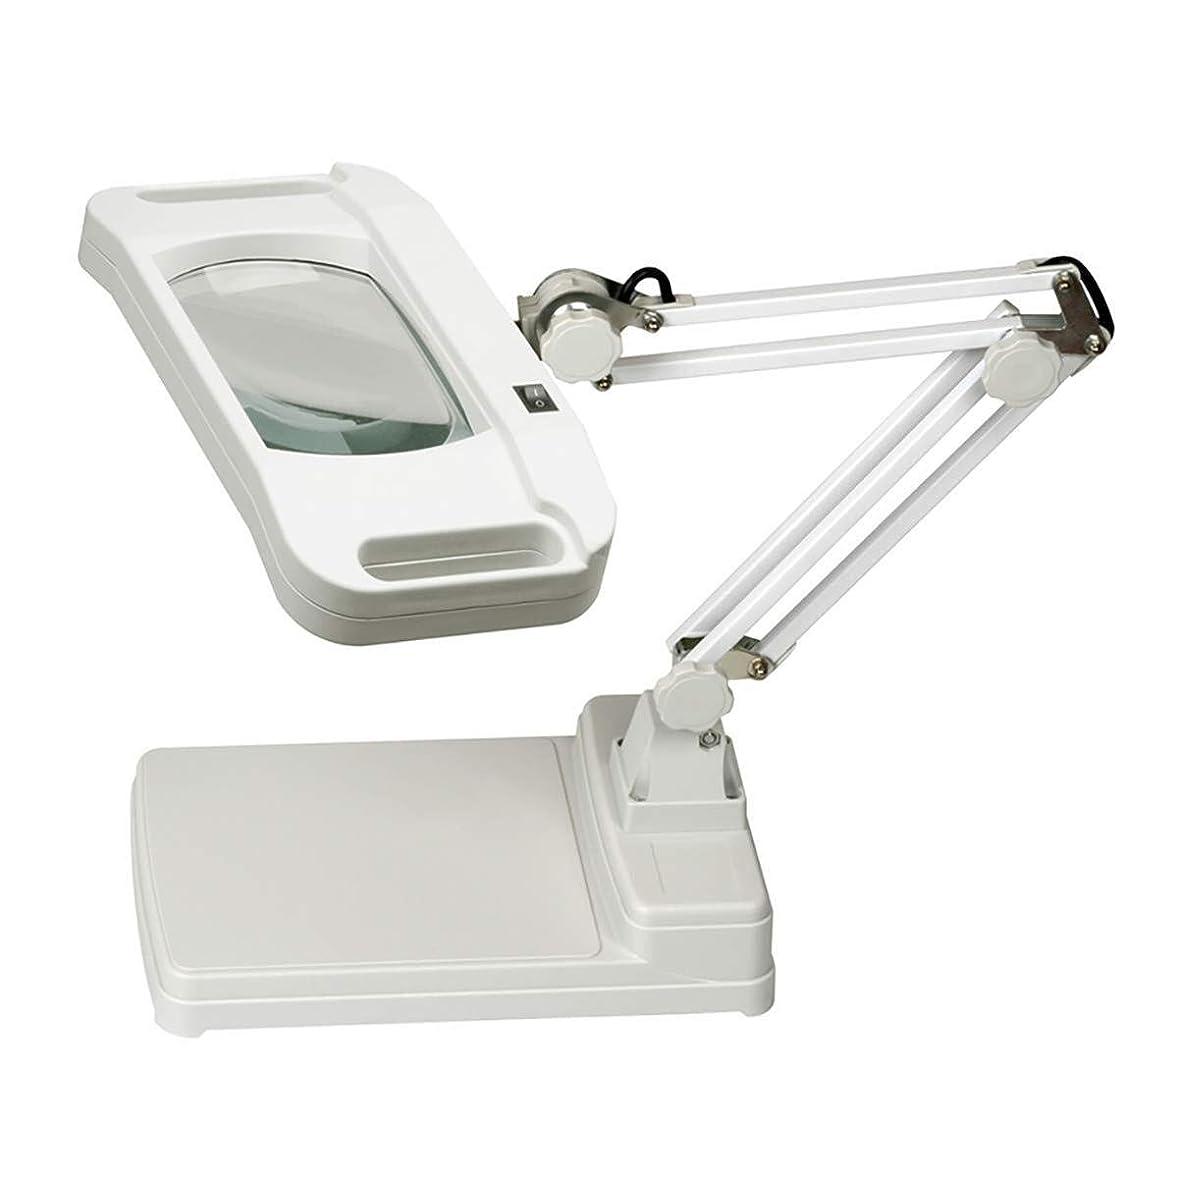 満了貯水池男ミニハンドヘルド拡大鏡 3X / 10X拡大鏡54 LEDランプ太陽光明るい照明付きレンズ-Utility拡大鏡ライト、デスク用の高さ調節グースネック 顕微鏡